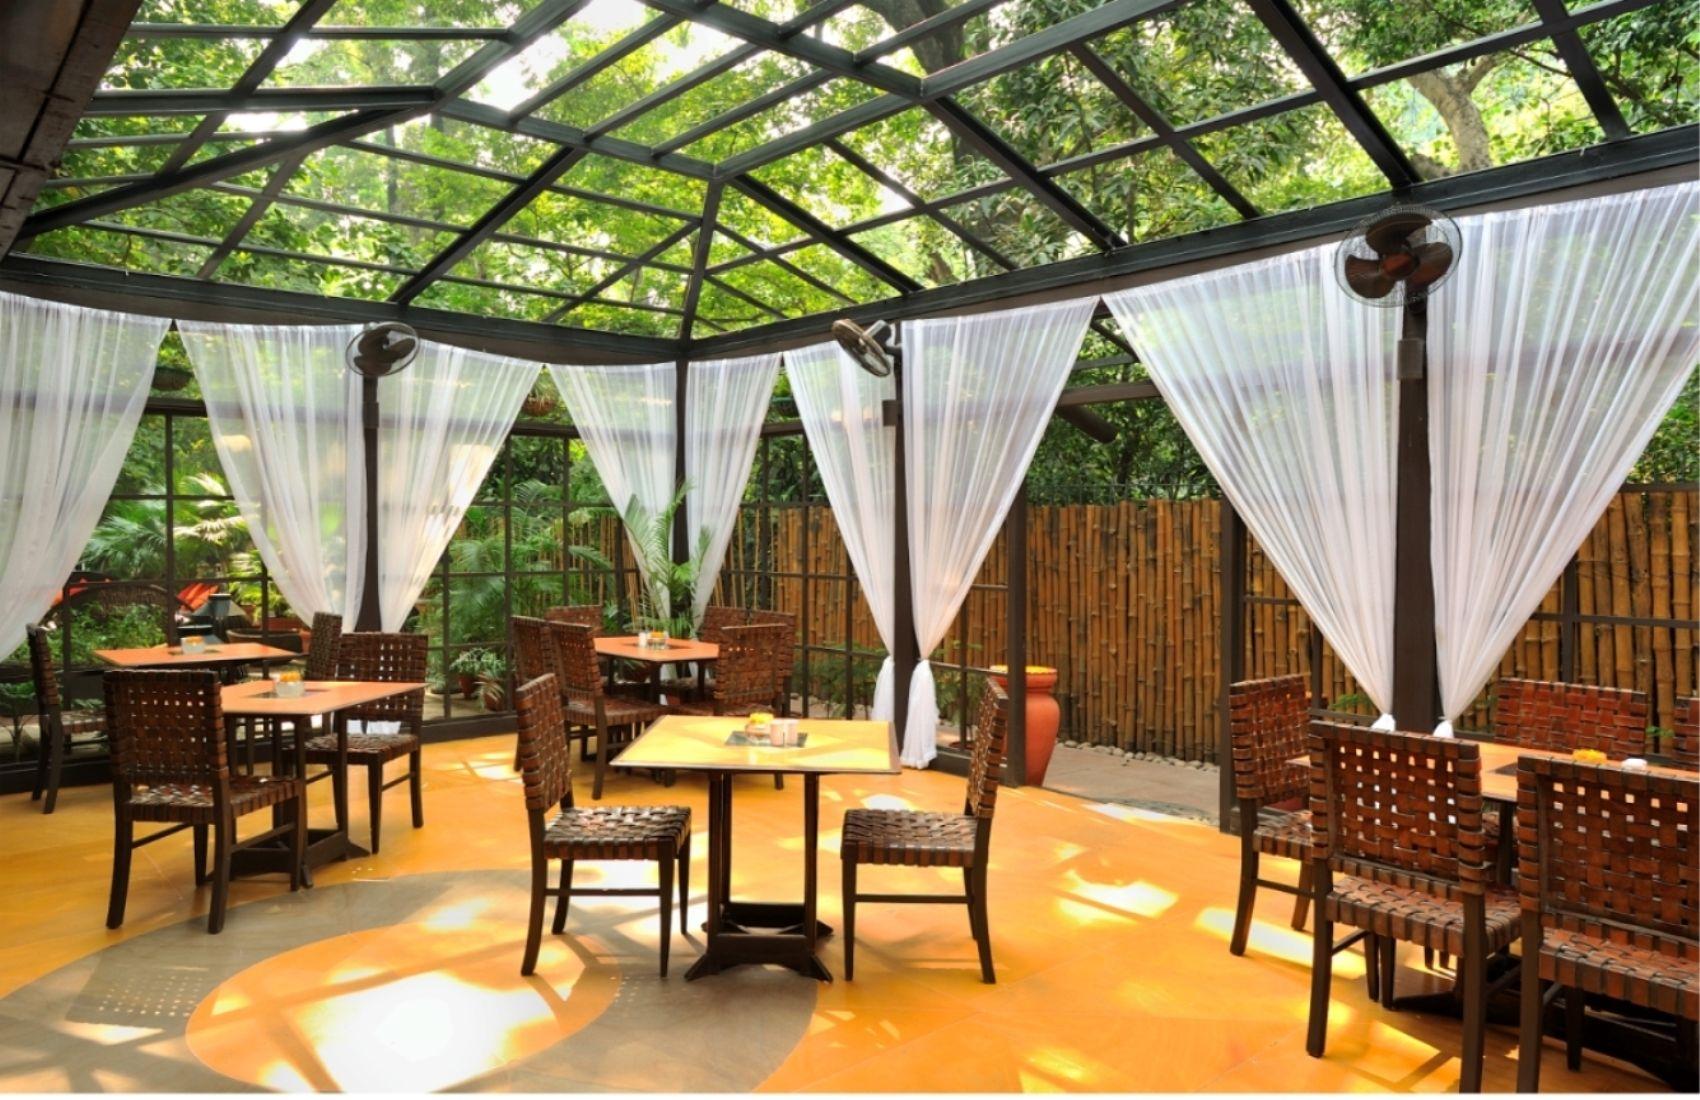 restaurant-garden-design-2-the-garden-restaurant-lodi-amazing-ideas ...